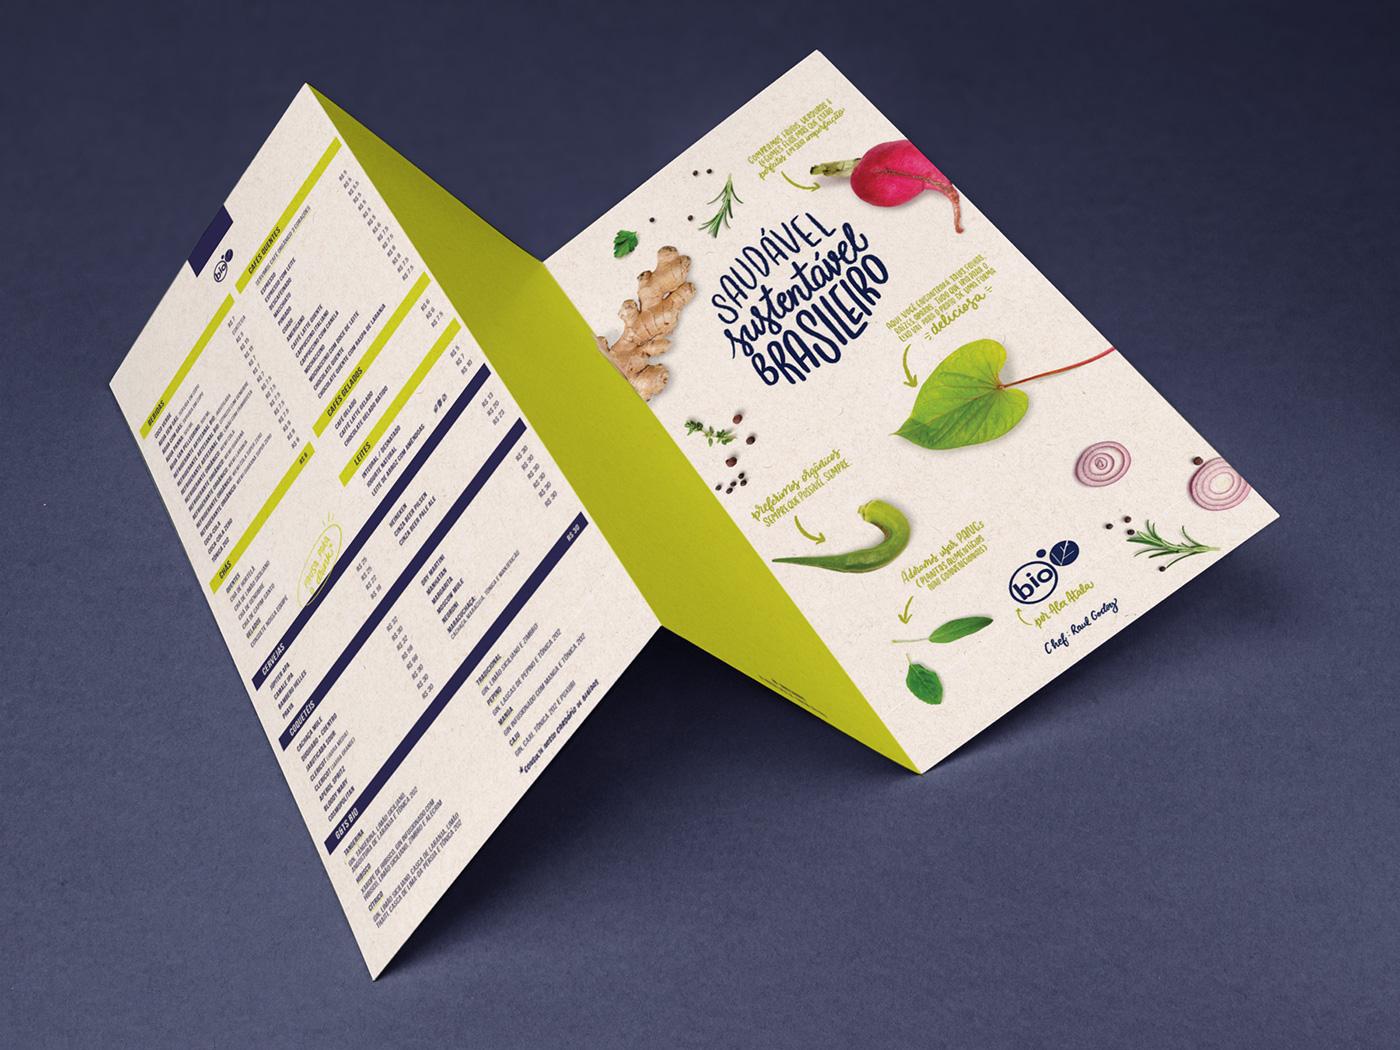 bio alex atala cardápio menu restaurante organico pancs sustentável saudável brasileiro